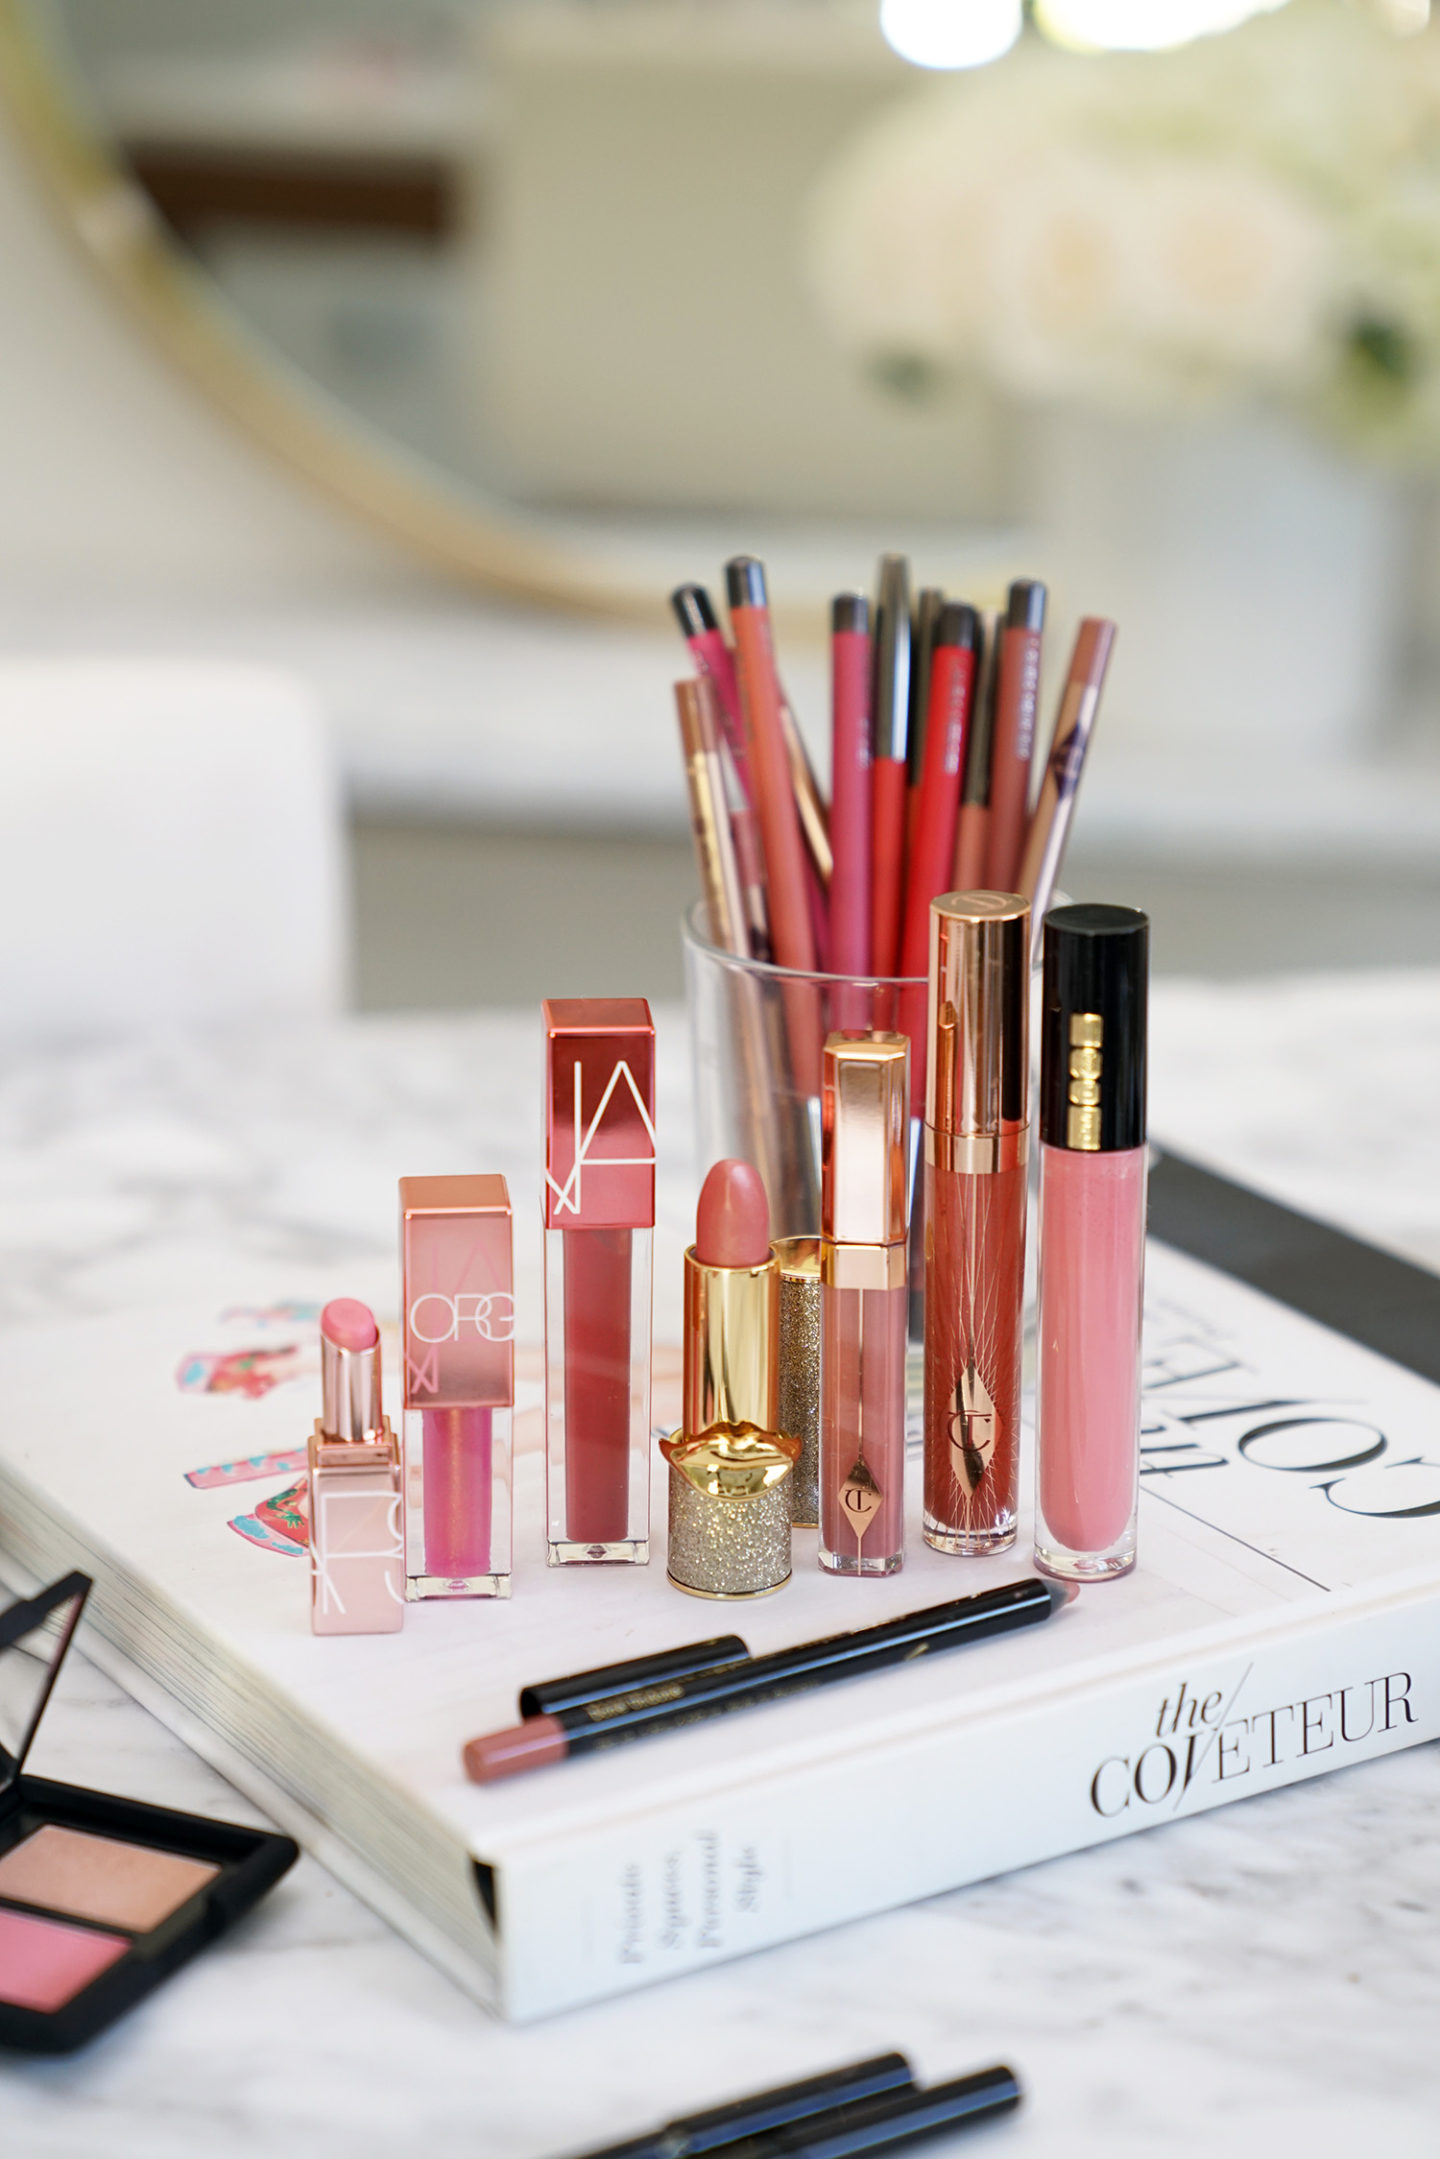 Meilleurs coloris à lèvres NARS, Charlotte Tilbury et Pat McGrath Labs